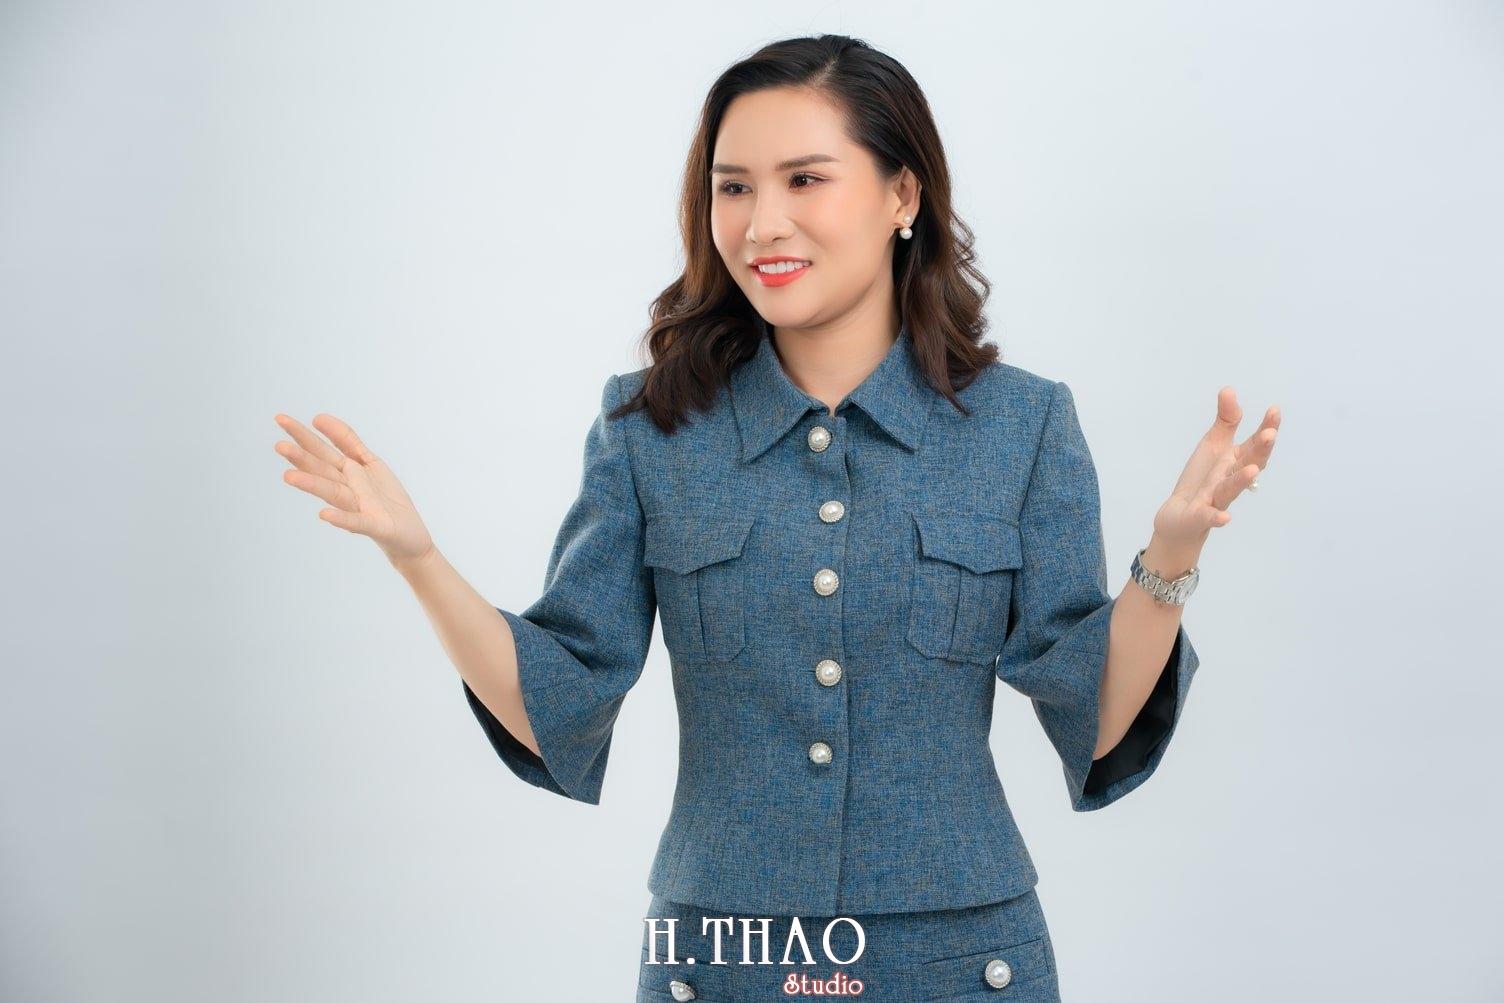 Doanh nhan nu 2 - Ảnh nữ doanh nhân bất động sản, phó TGĐ Express Ms.Nho – HThao Studio